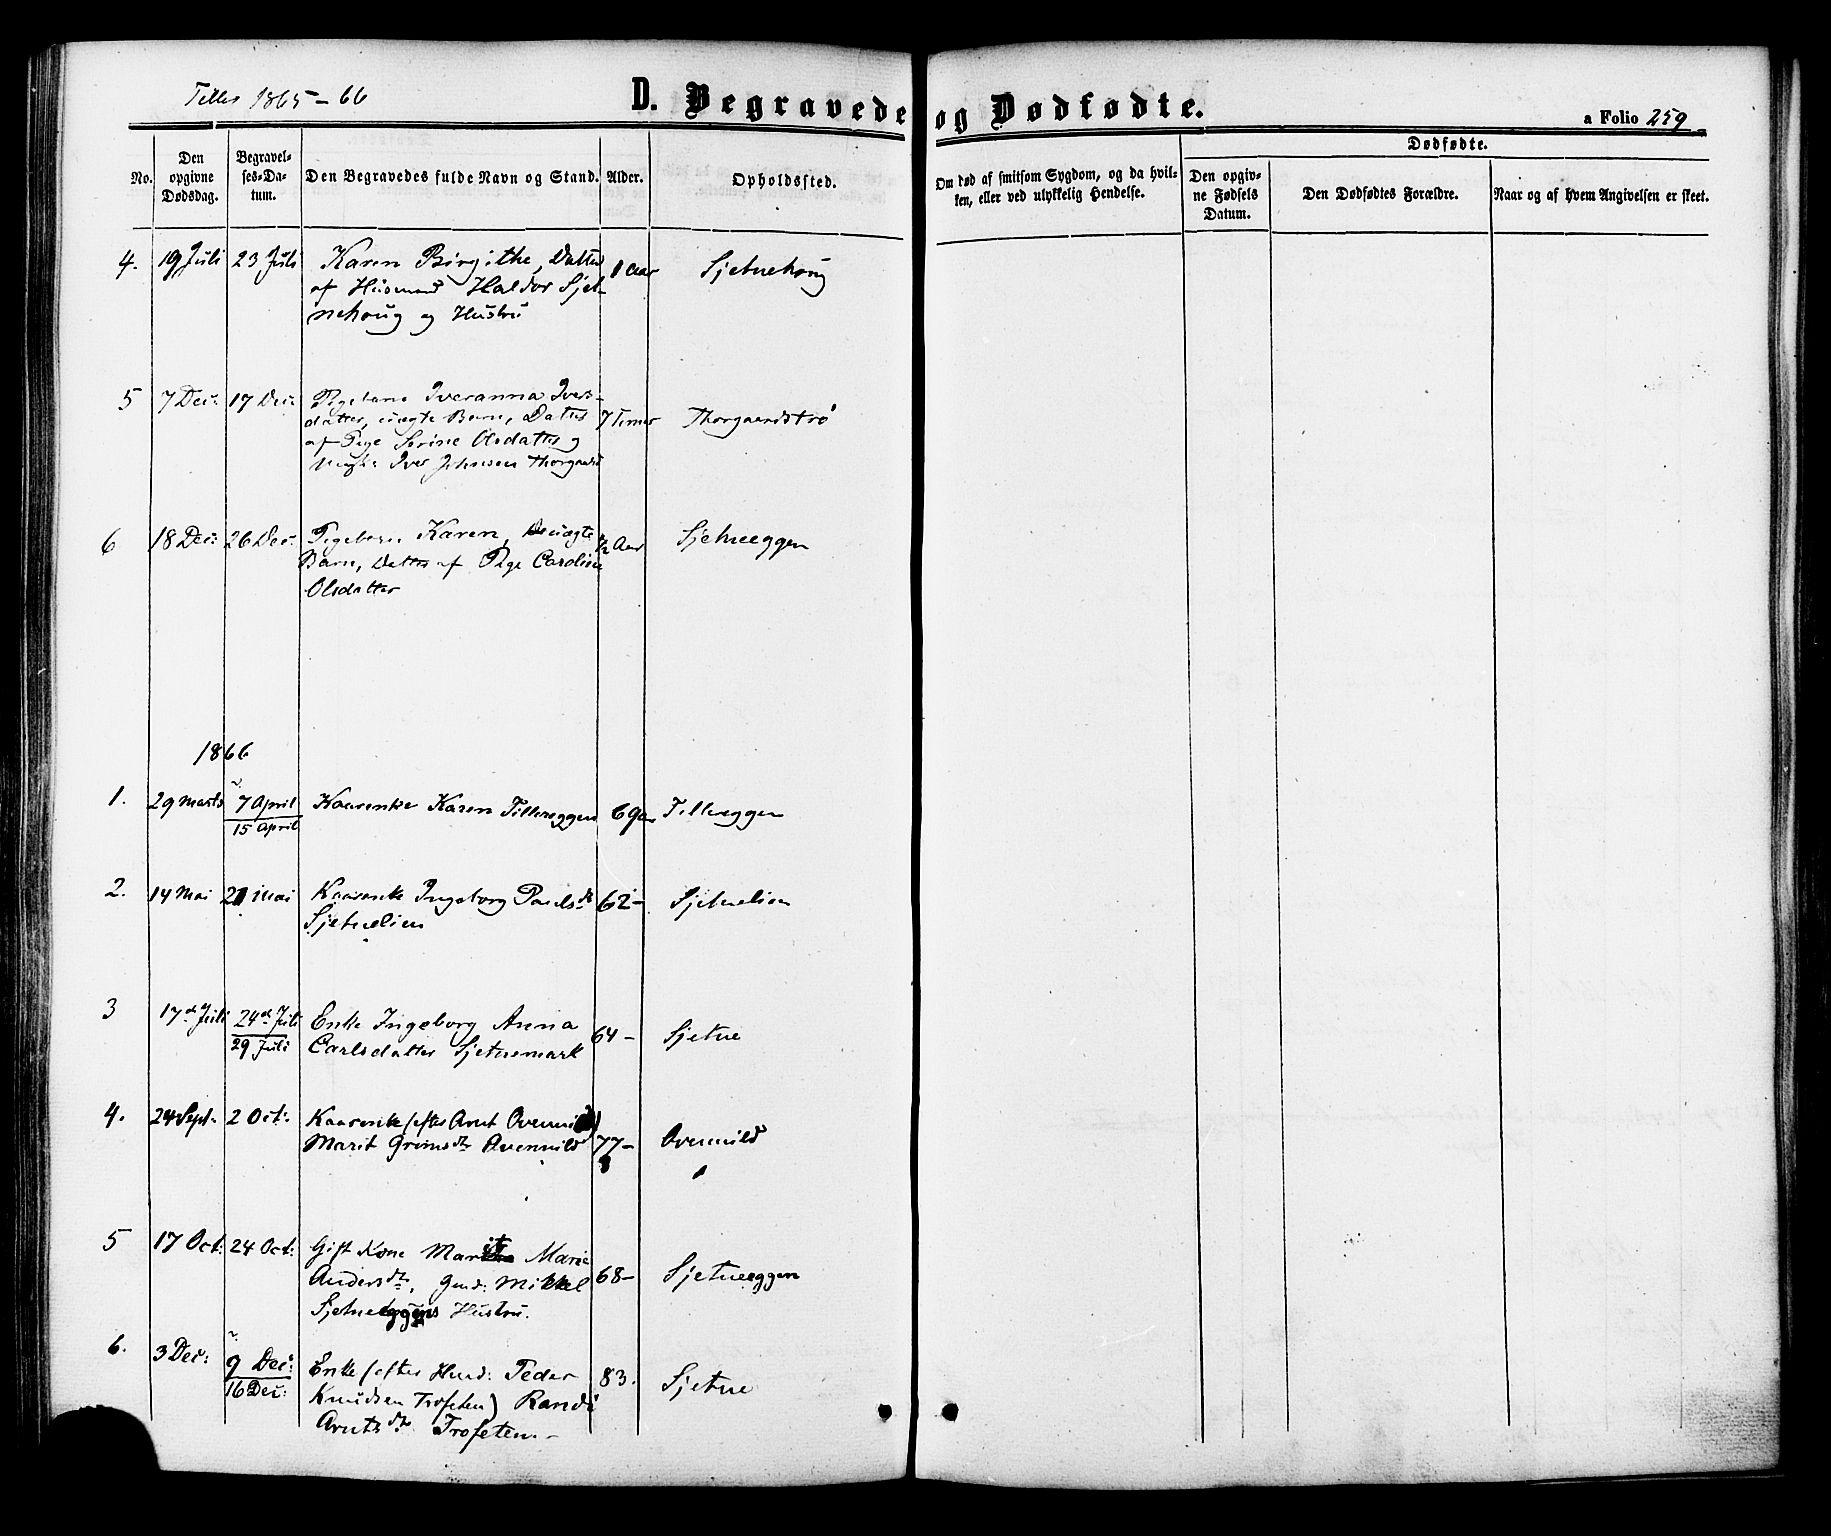 SAT, Ministerialprotokoller, klokkerbøker og fødselsregistre - Sør-Trøndelag, 618/L0443: Ministerialbok nr. 618A06 /2, 1863-1879, s. 259